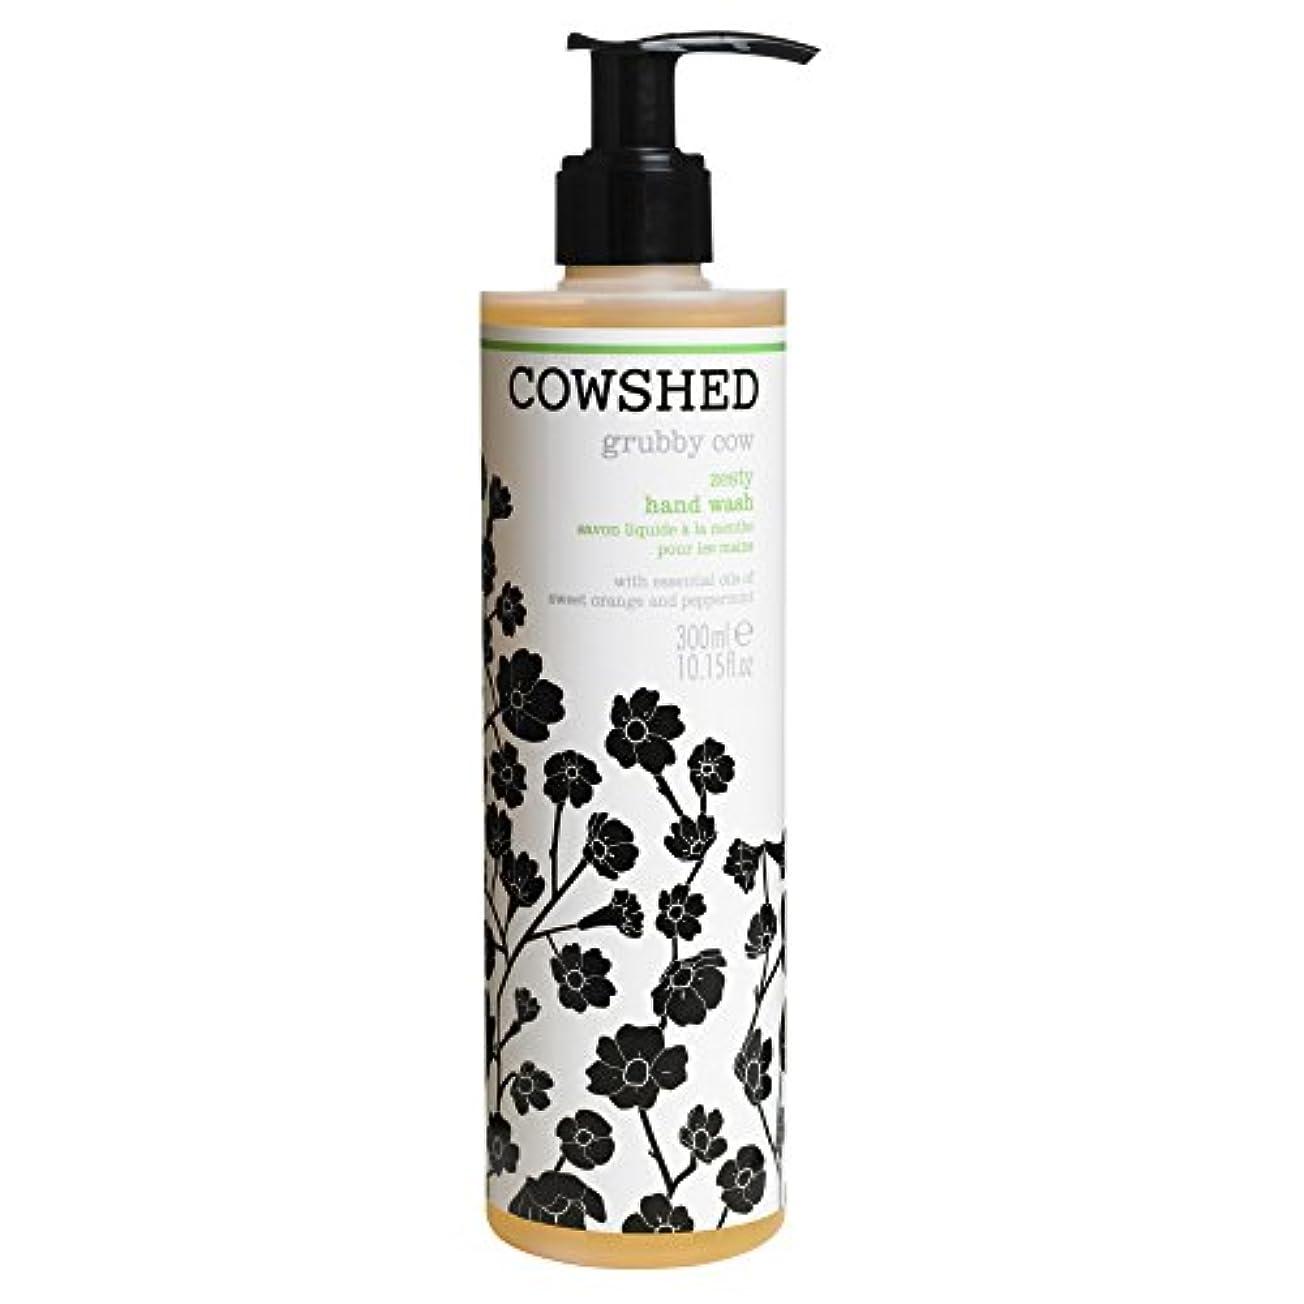 アノイスポークスマンアヒル牛舎汚い牛ピリッハンドウォッシュ300ミリリットル (Cowshed) (x2) - Cowshed Grubby Cow Zesty Hand Wash 300ml (Pack of 2) [並行輸入品]